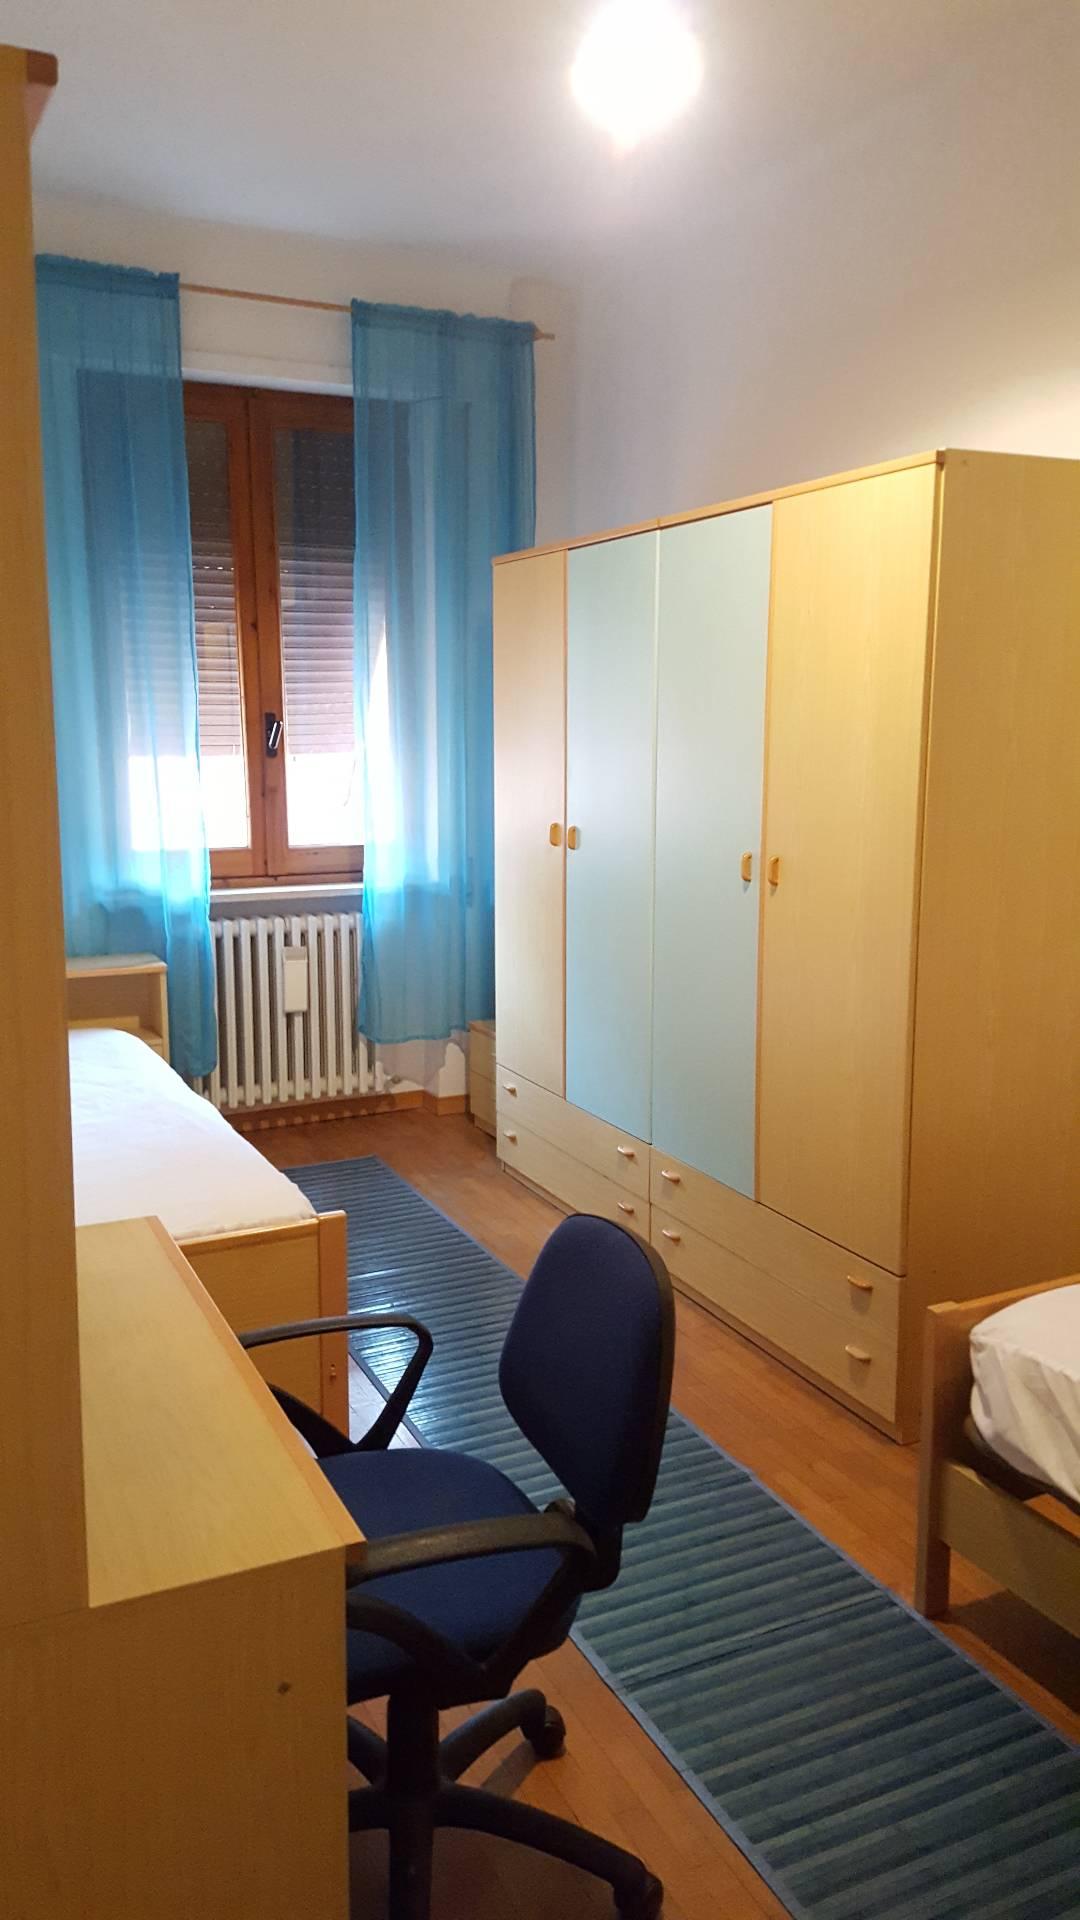 Appartamento in affitto a Teramo, 3 locali, zona Zona: Centro , prezzo € 200 | CambioCasa.it